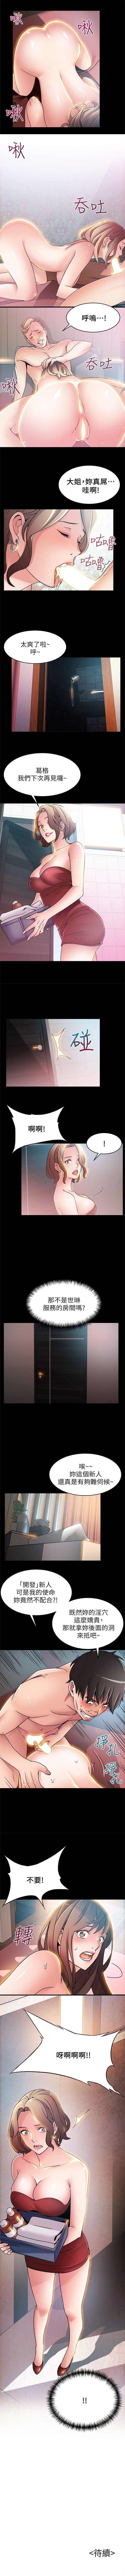 弱點 1-101 官方中文(連載中) 172